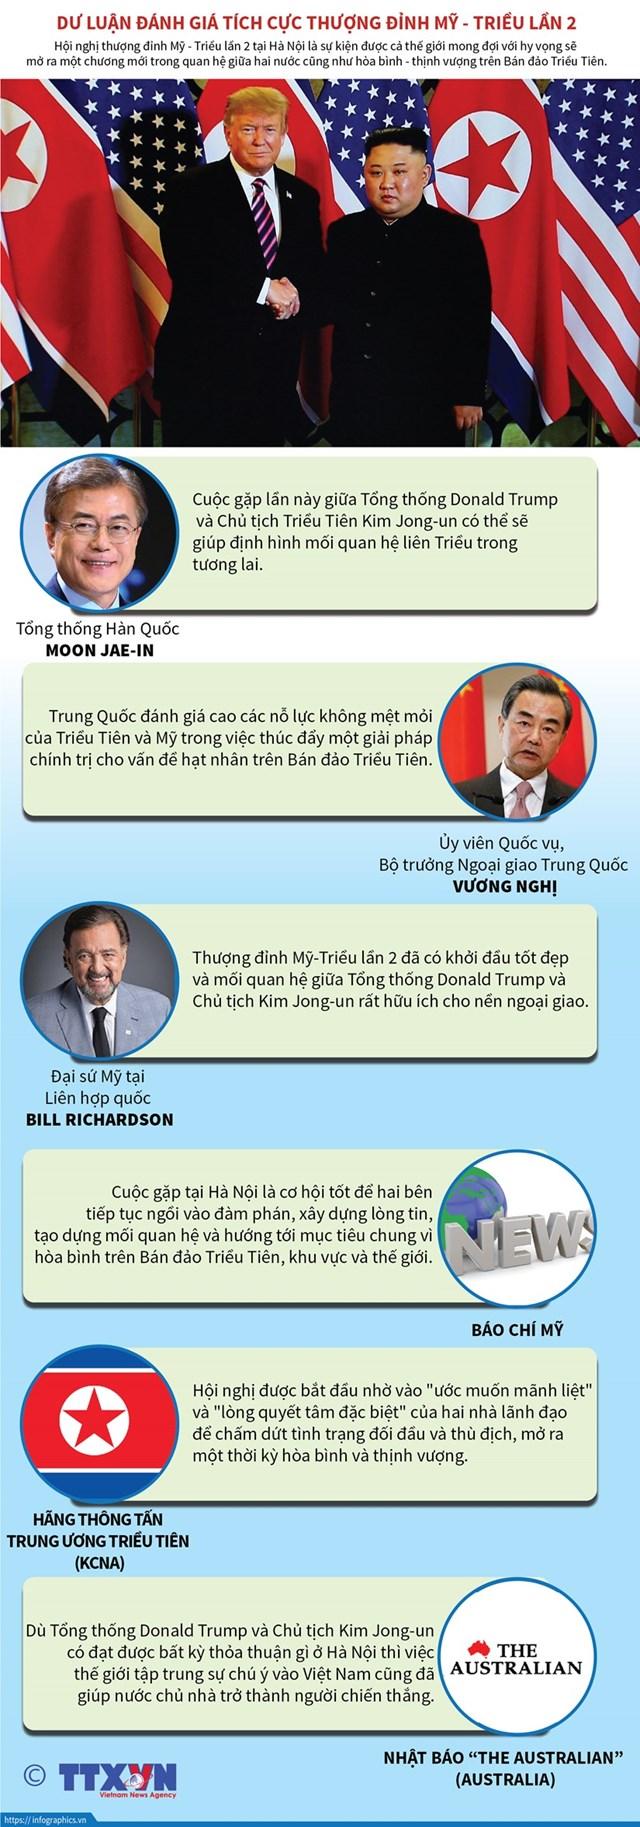 [Infographics] Dư luận đánh giá tích cực về Thượng đỉnh Mỹ-Triều lần 2